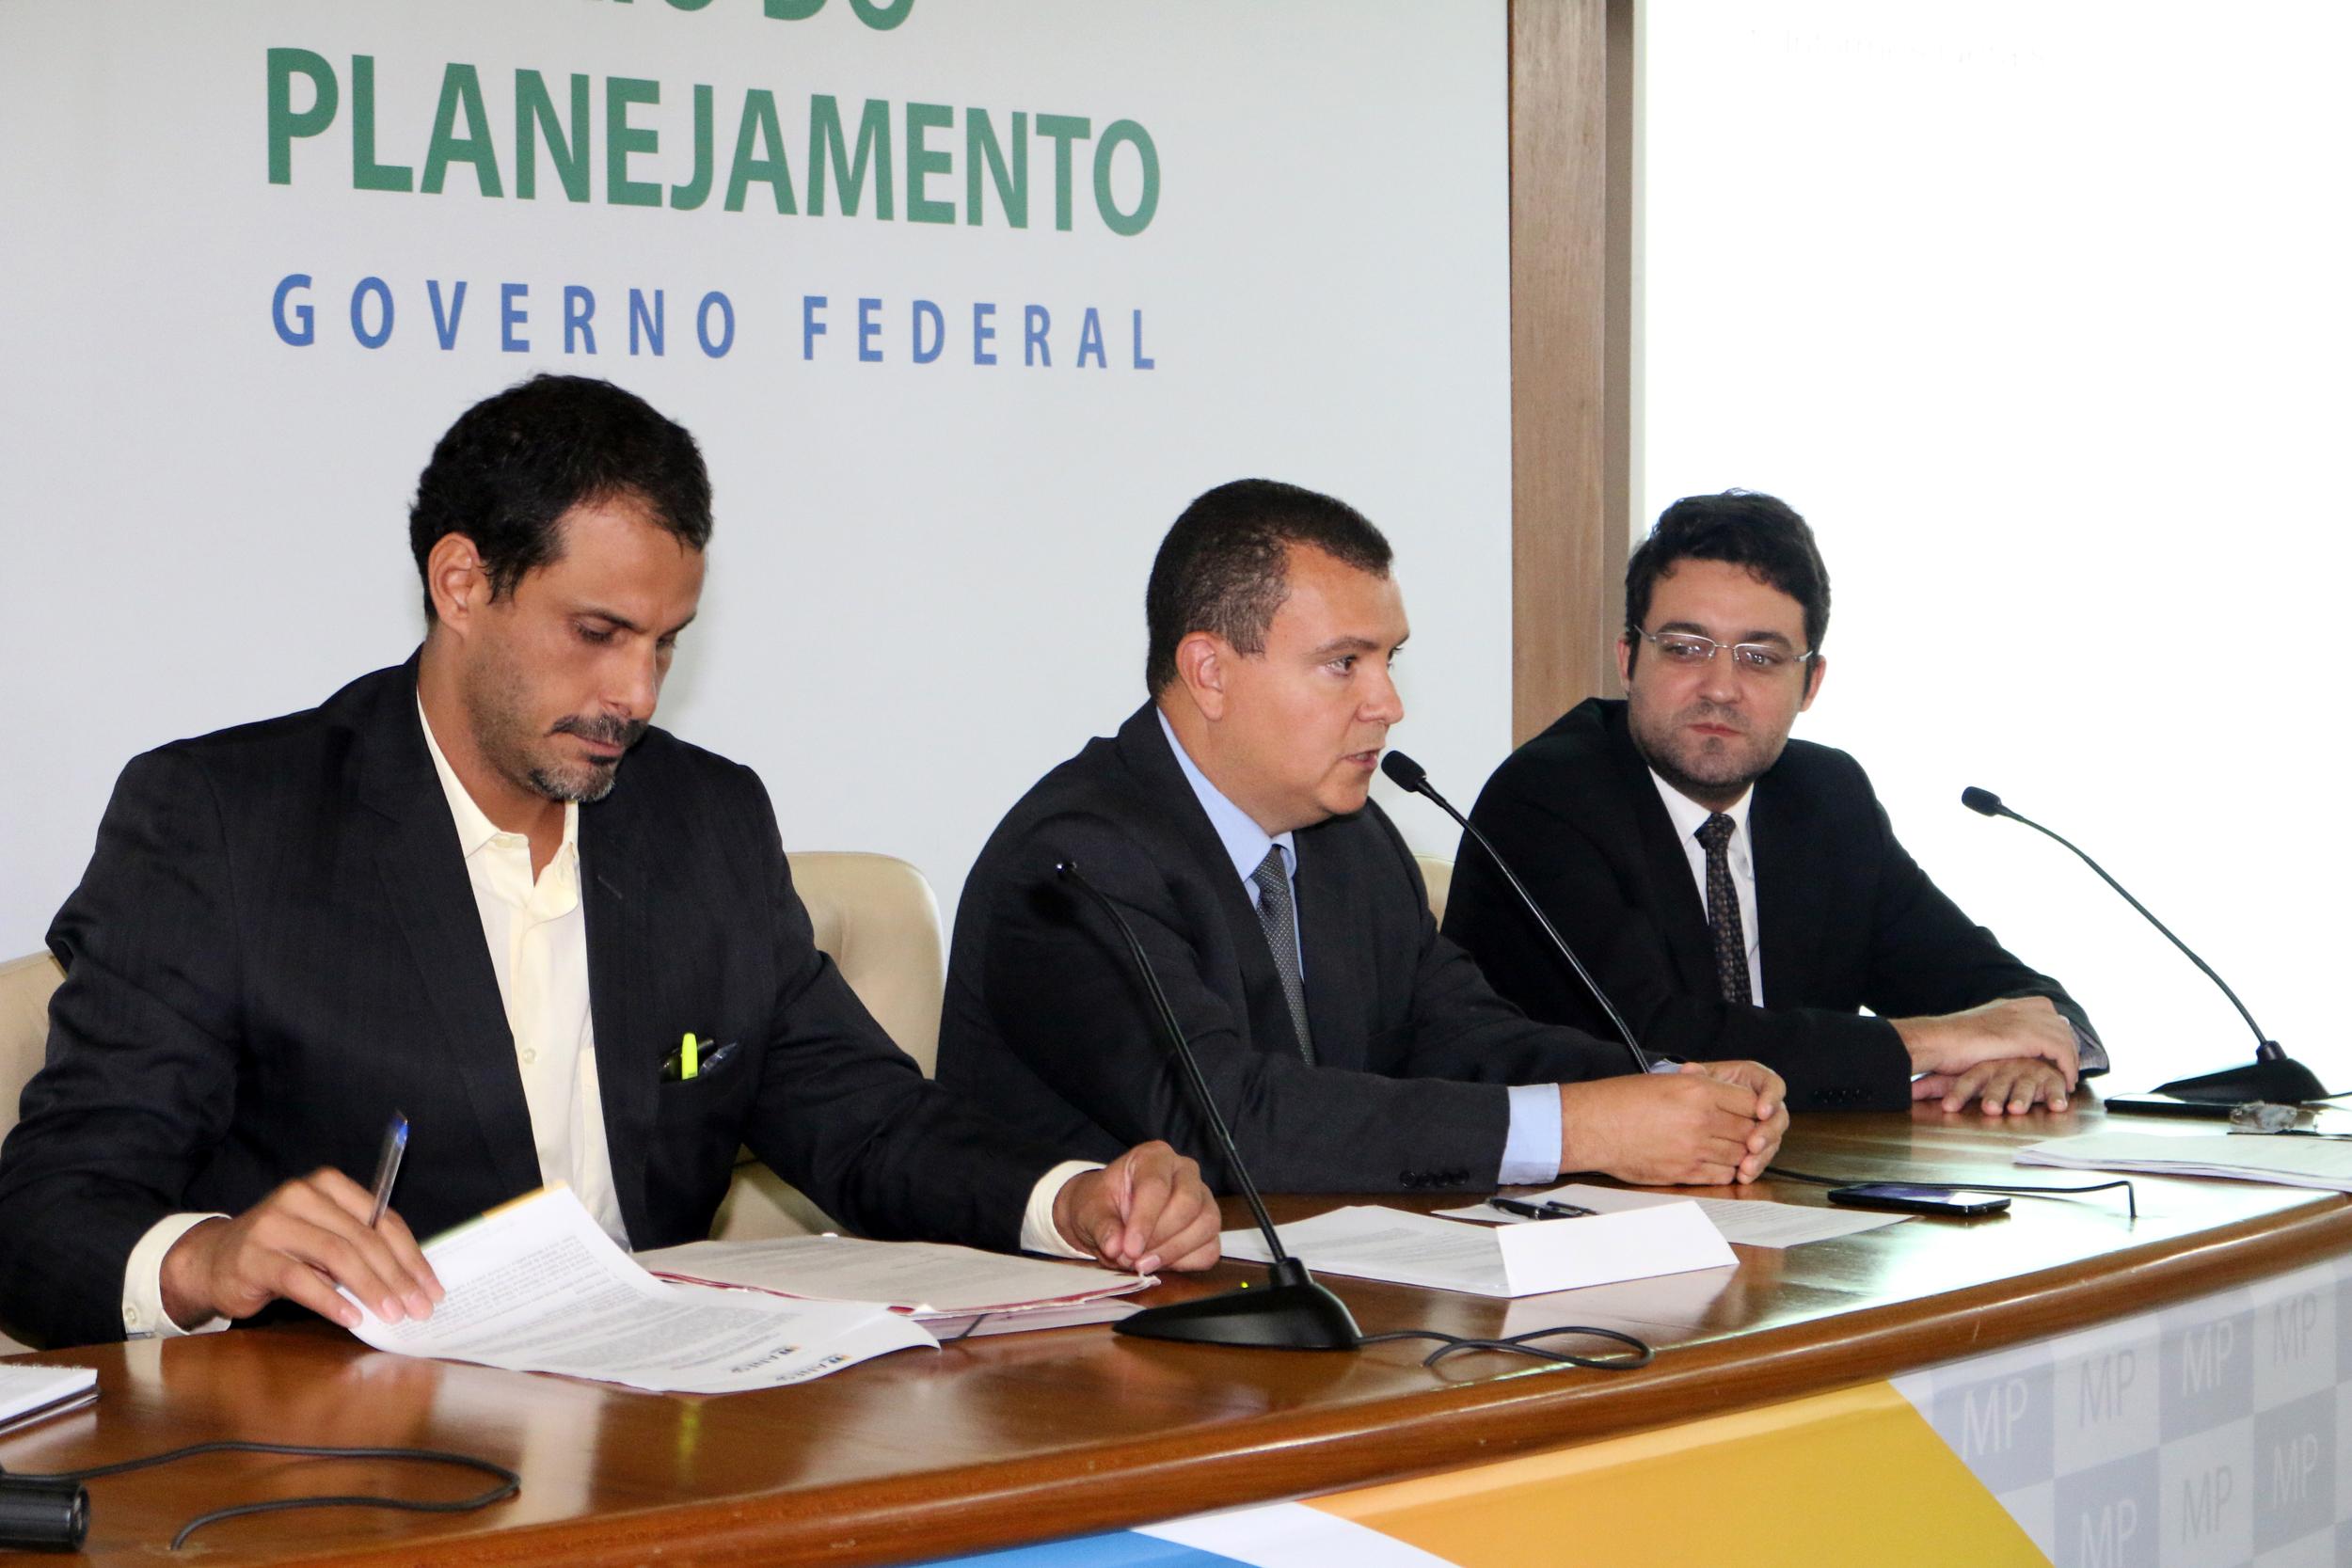 Andrei Soares, João Aurélio, Alex Canuto - AGE 13-03-2015 - MP - Filipe Calmon - ANESP.jpg